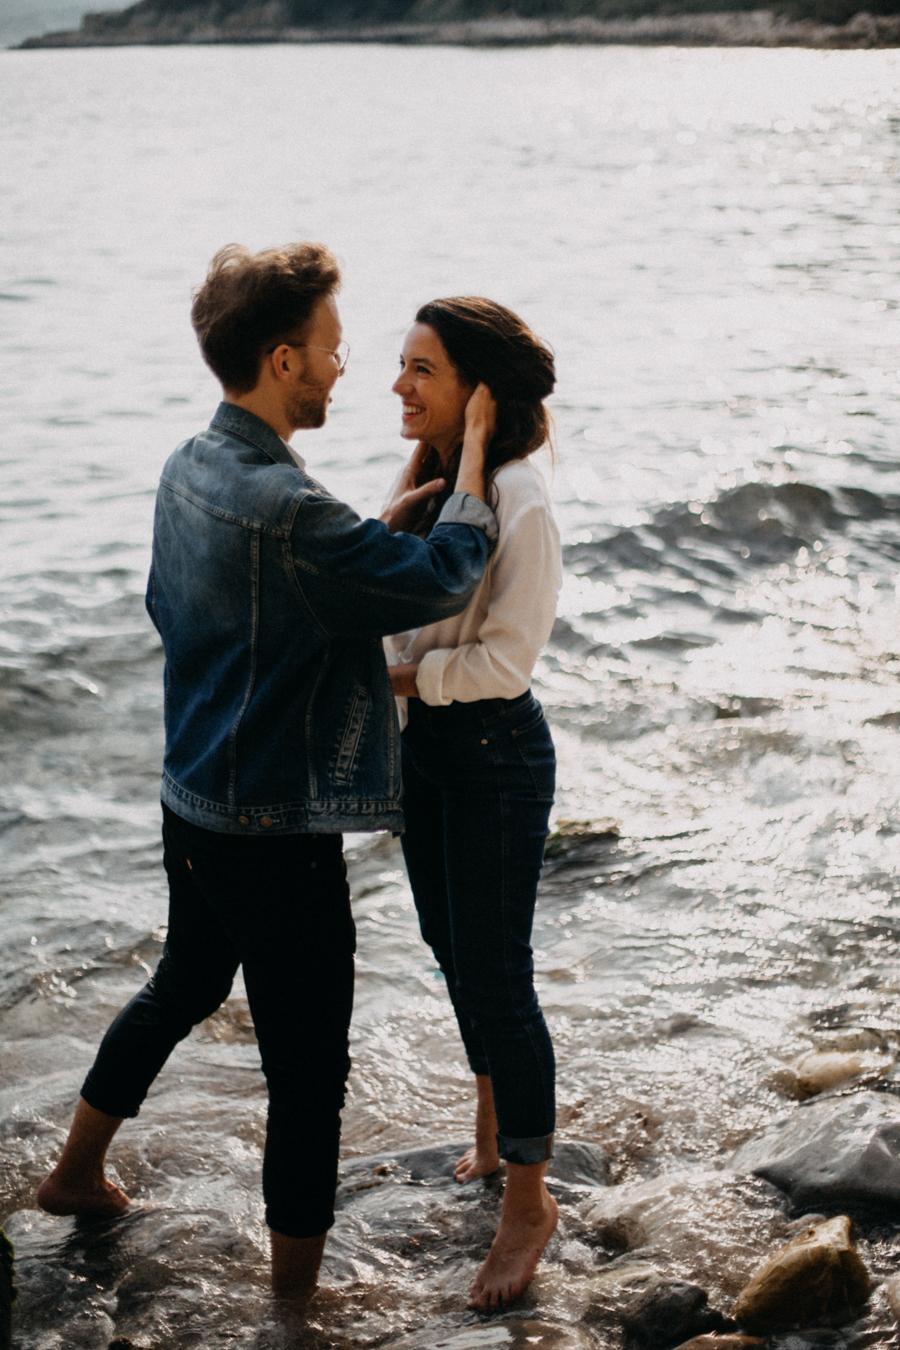 Photographe couple seance photo engagement lyon marseille plage mer nature coucher de soleil lumiere lifestyle engagement plage-27